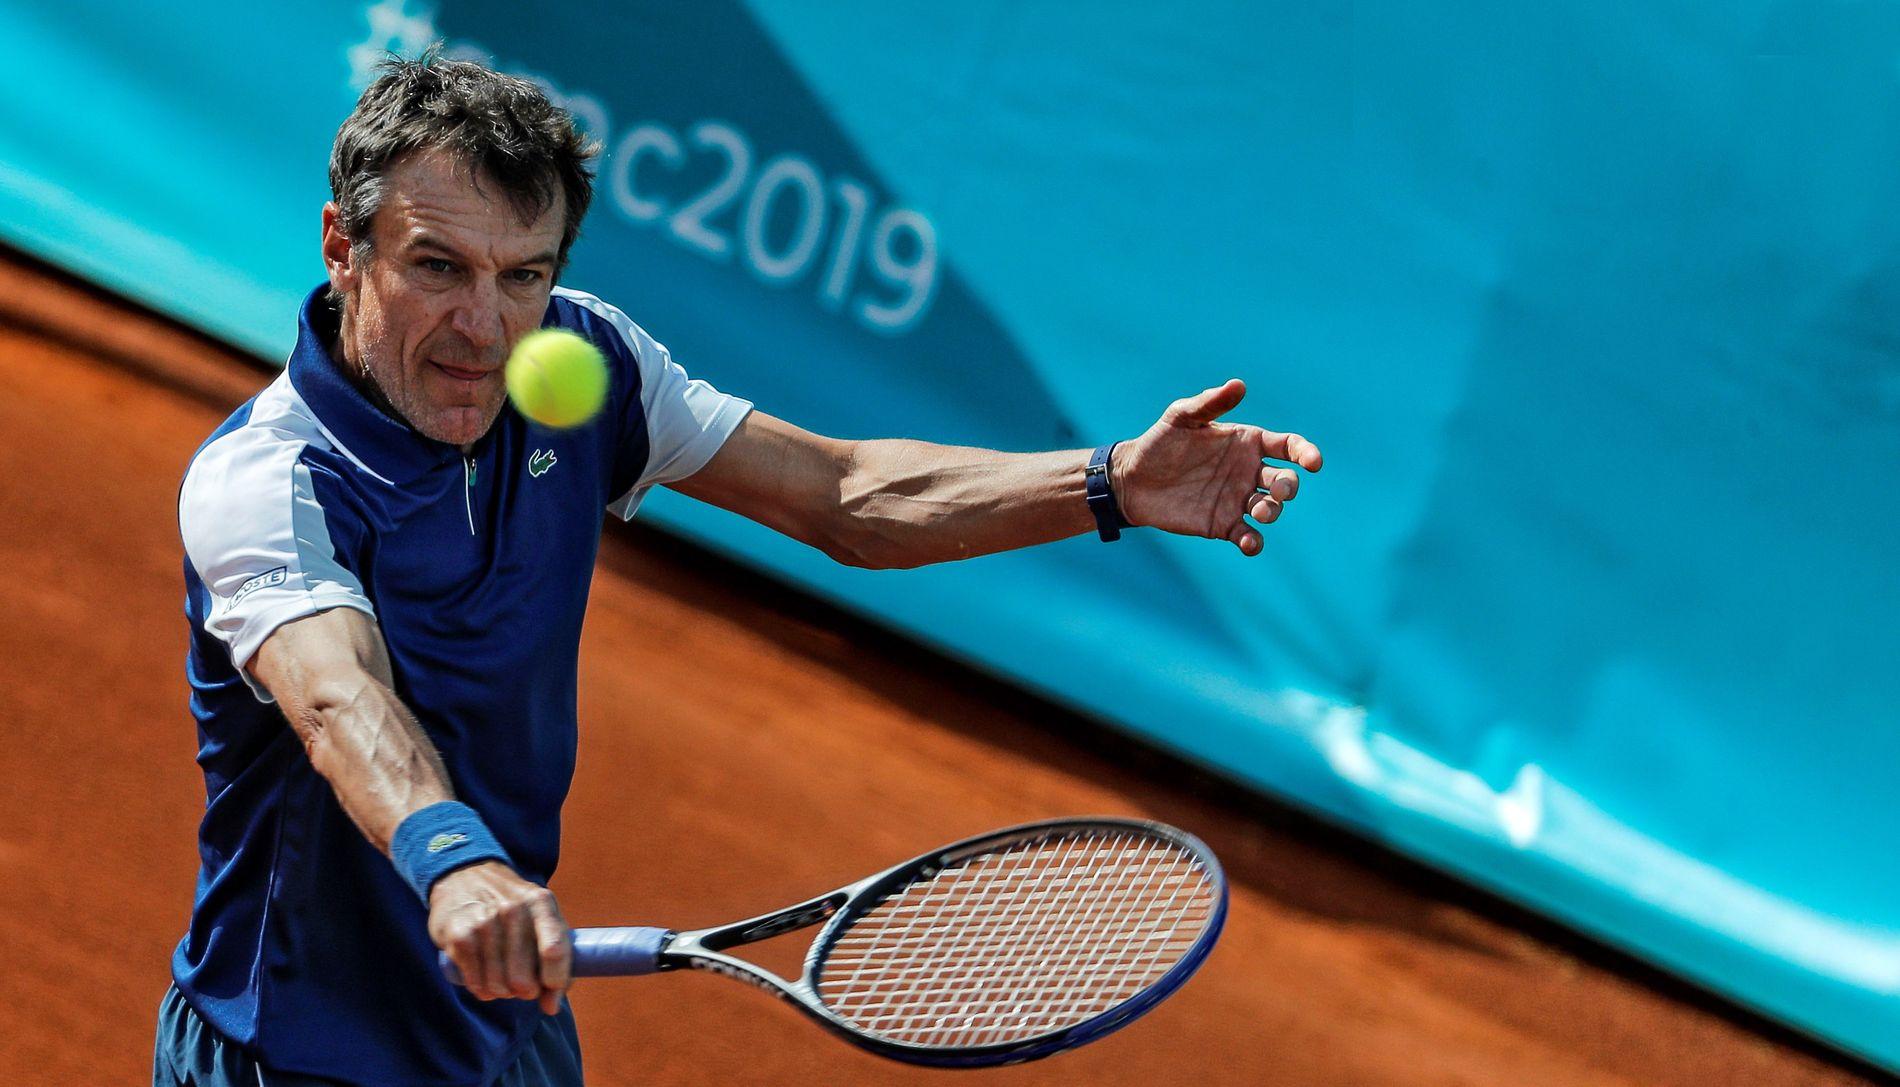 LEGENDE: Svenske Mats Wilander vant French Open i 1982, 1985 og 1988, nå følger han turneringen som Eurosport-ekspert. Her er han i aksjon under en kamp i Senior Masters midt i mai.